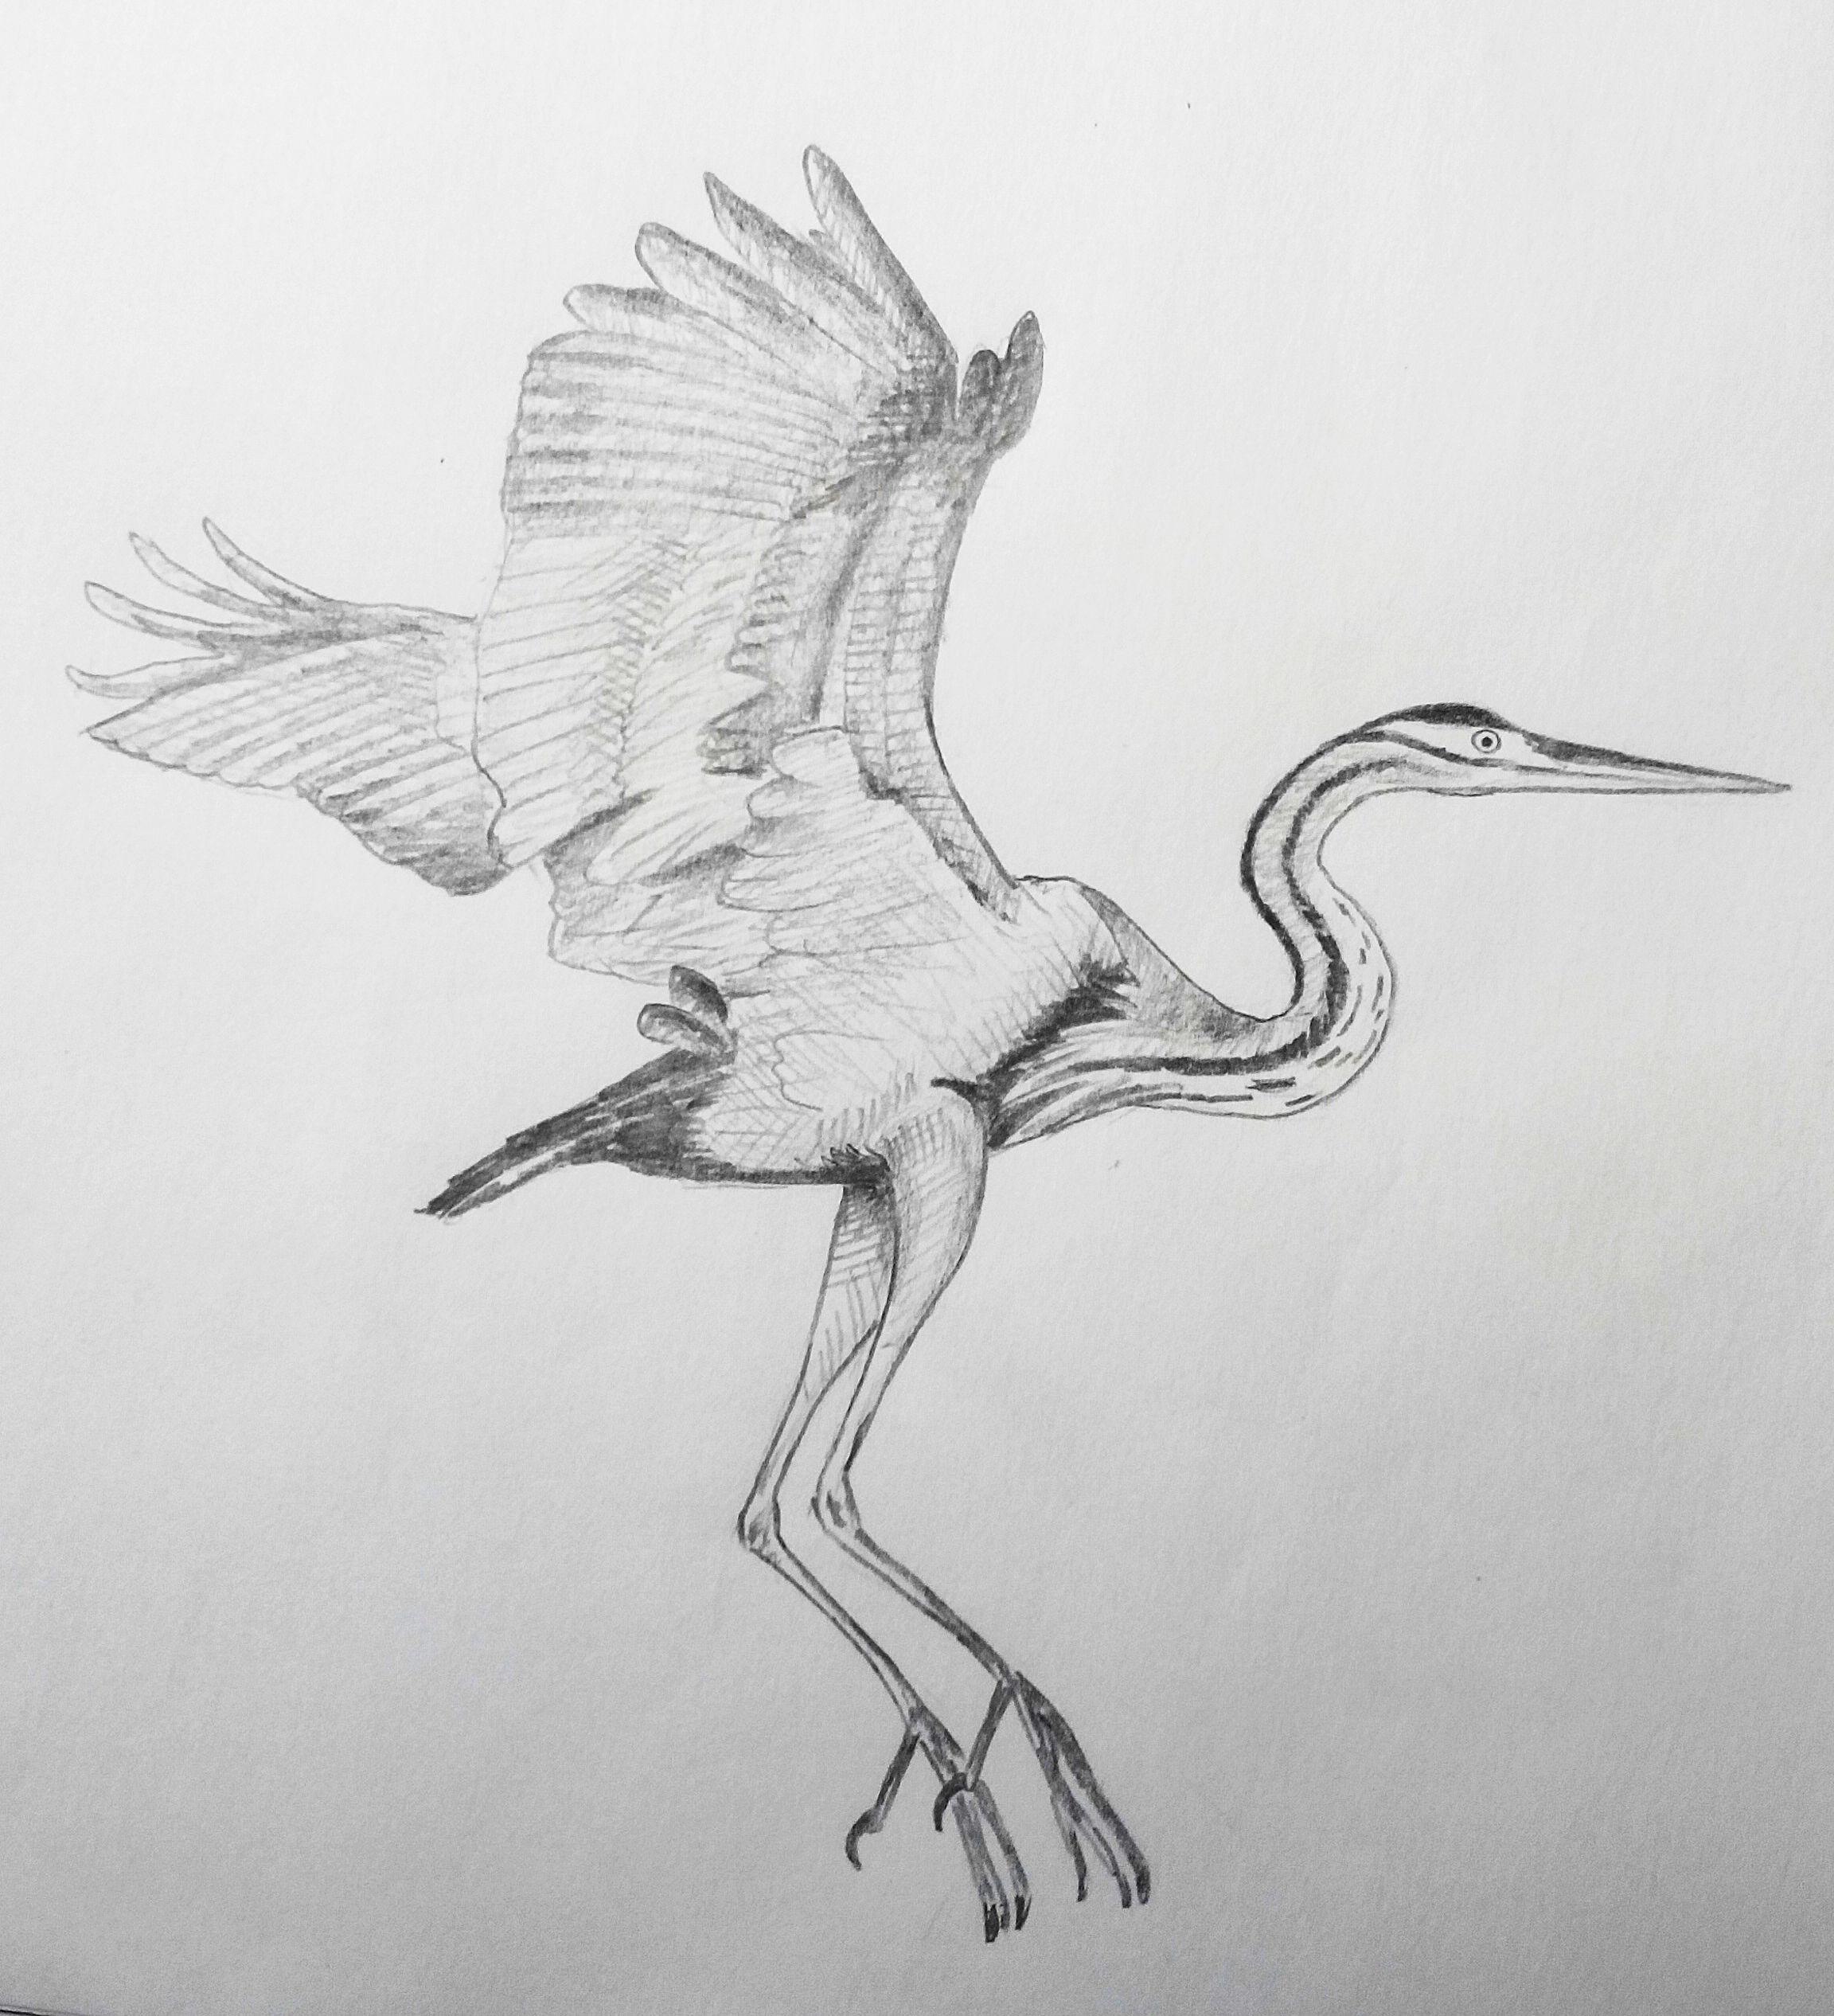 Скетч олівцем. Руда чапля. Pencil sketch. Purple heron.